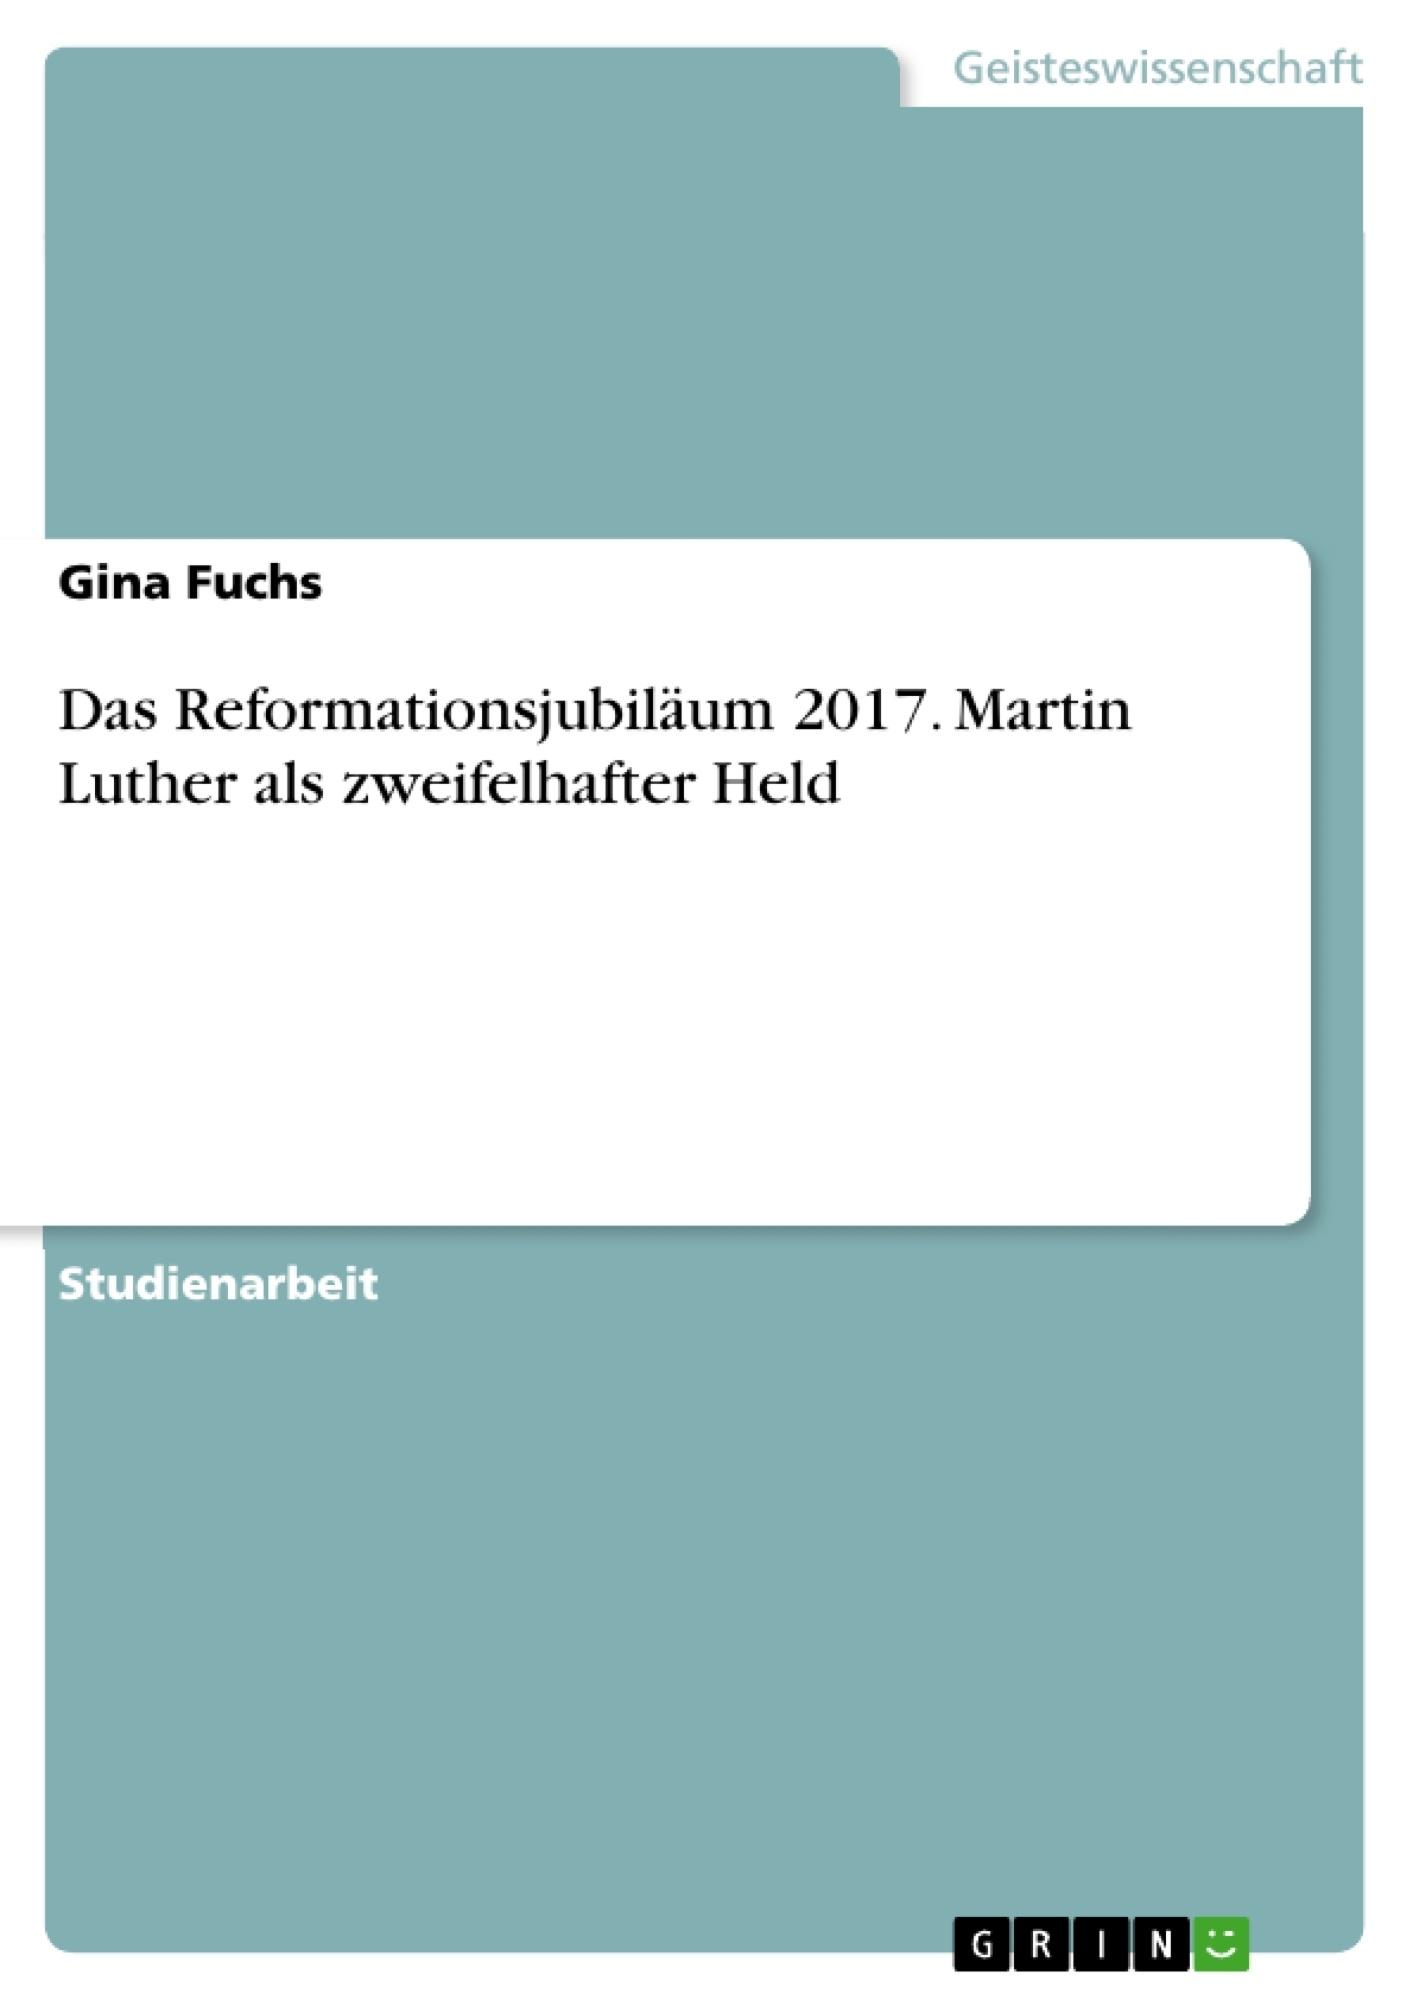 Titel: Das Reformationsjubiläum 2017. Martin Luther als zweifelhafter Held